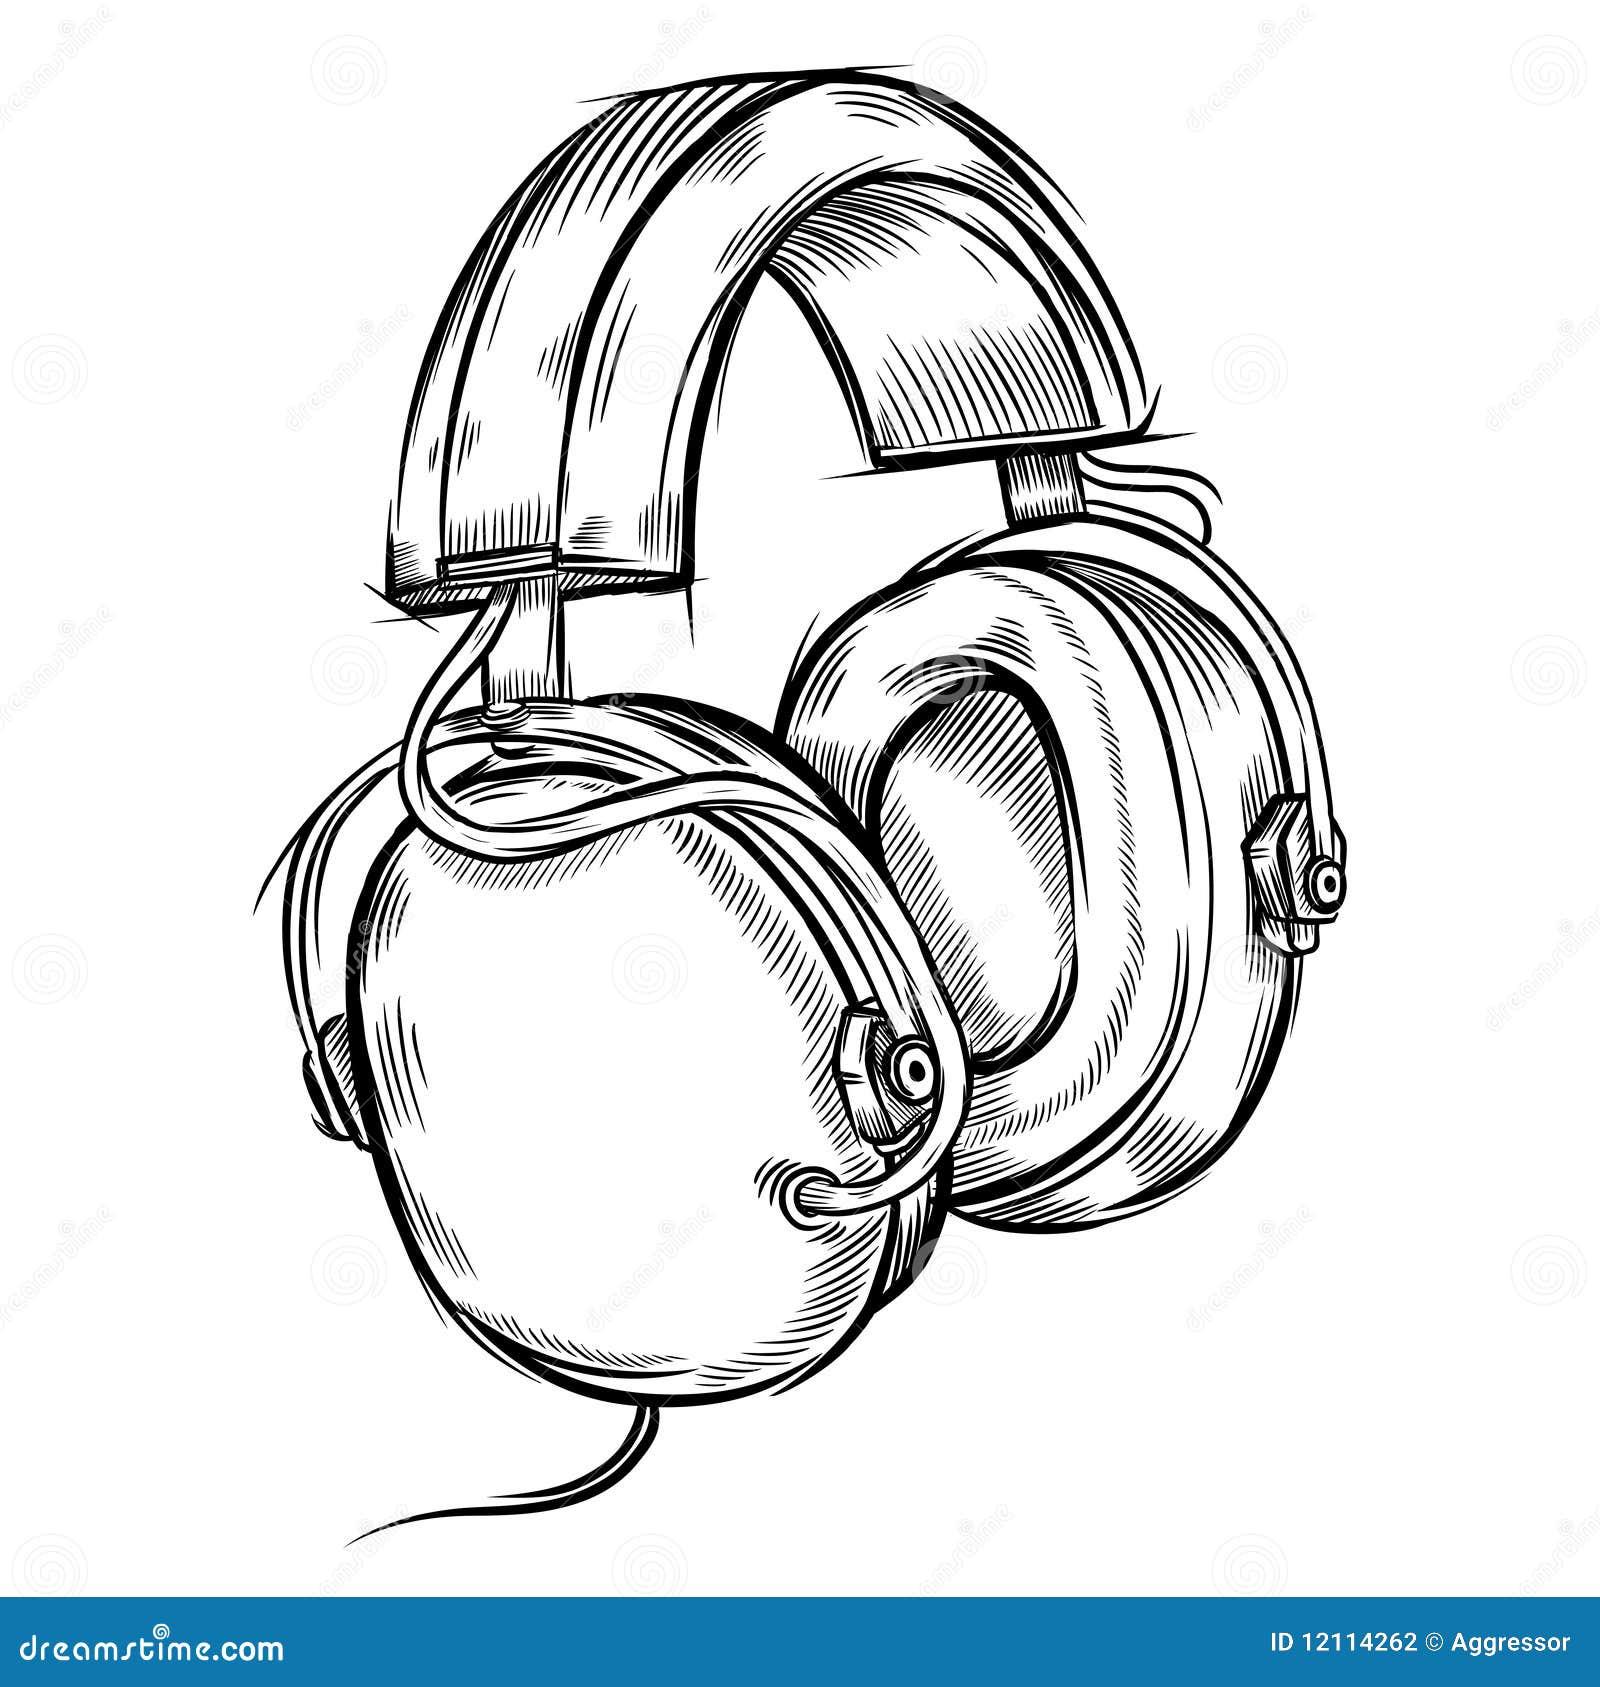 Line Art Headphones : Von hand gezeichnet kopfhörer vektor abbildung bild